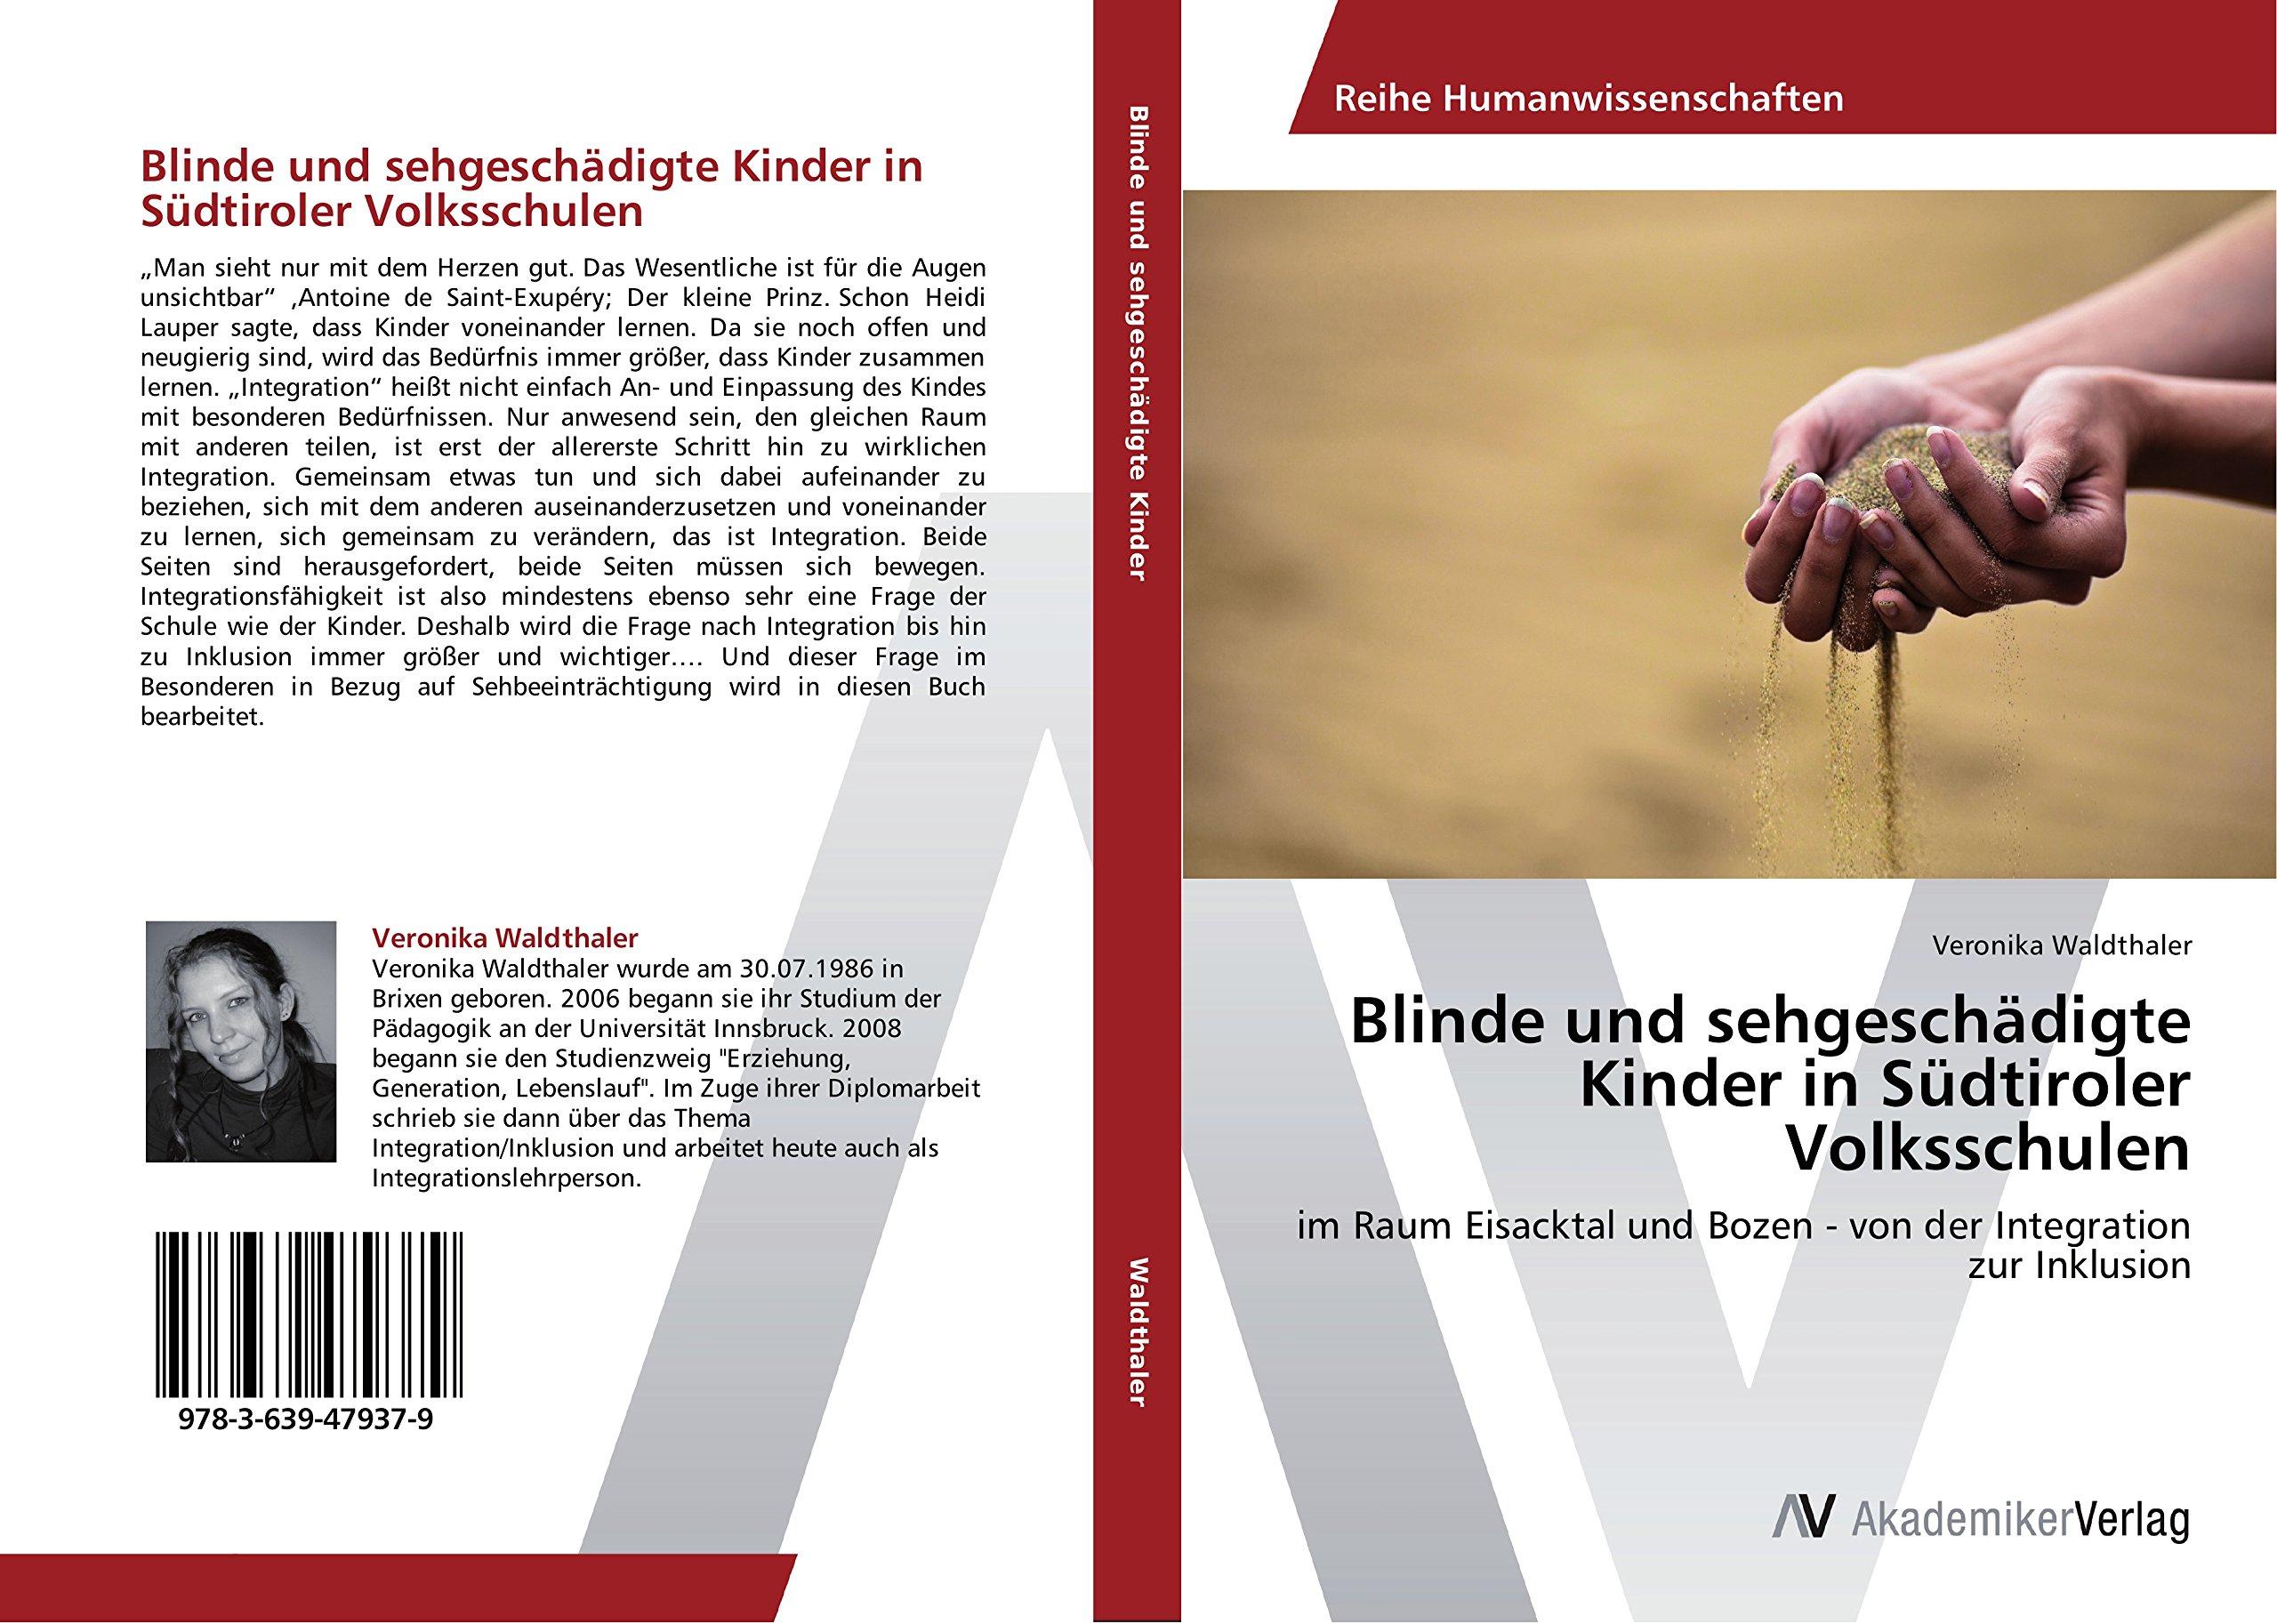 Blinde und sehgeschädigte Kinder in Südtiroler Volksschulen: im Raum  Eisacktal und Bozen - von der Integration zur Inklusion: Amazon.de:  Veronika ...